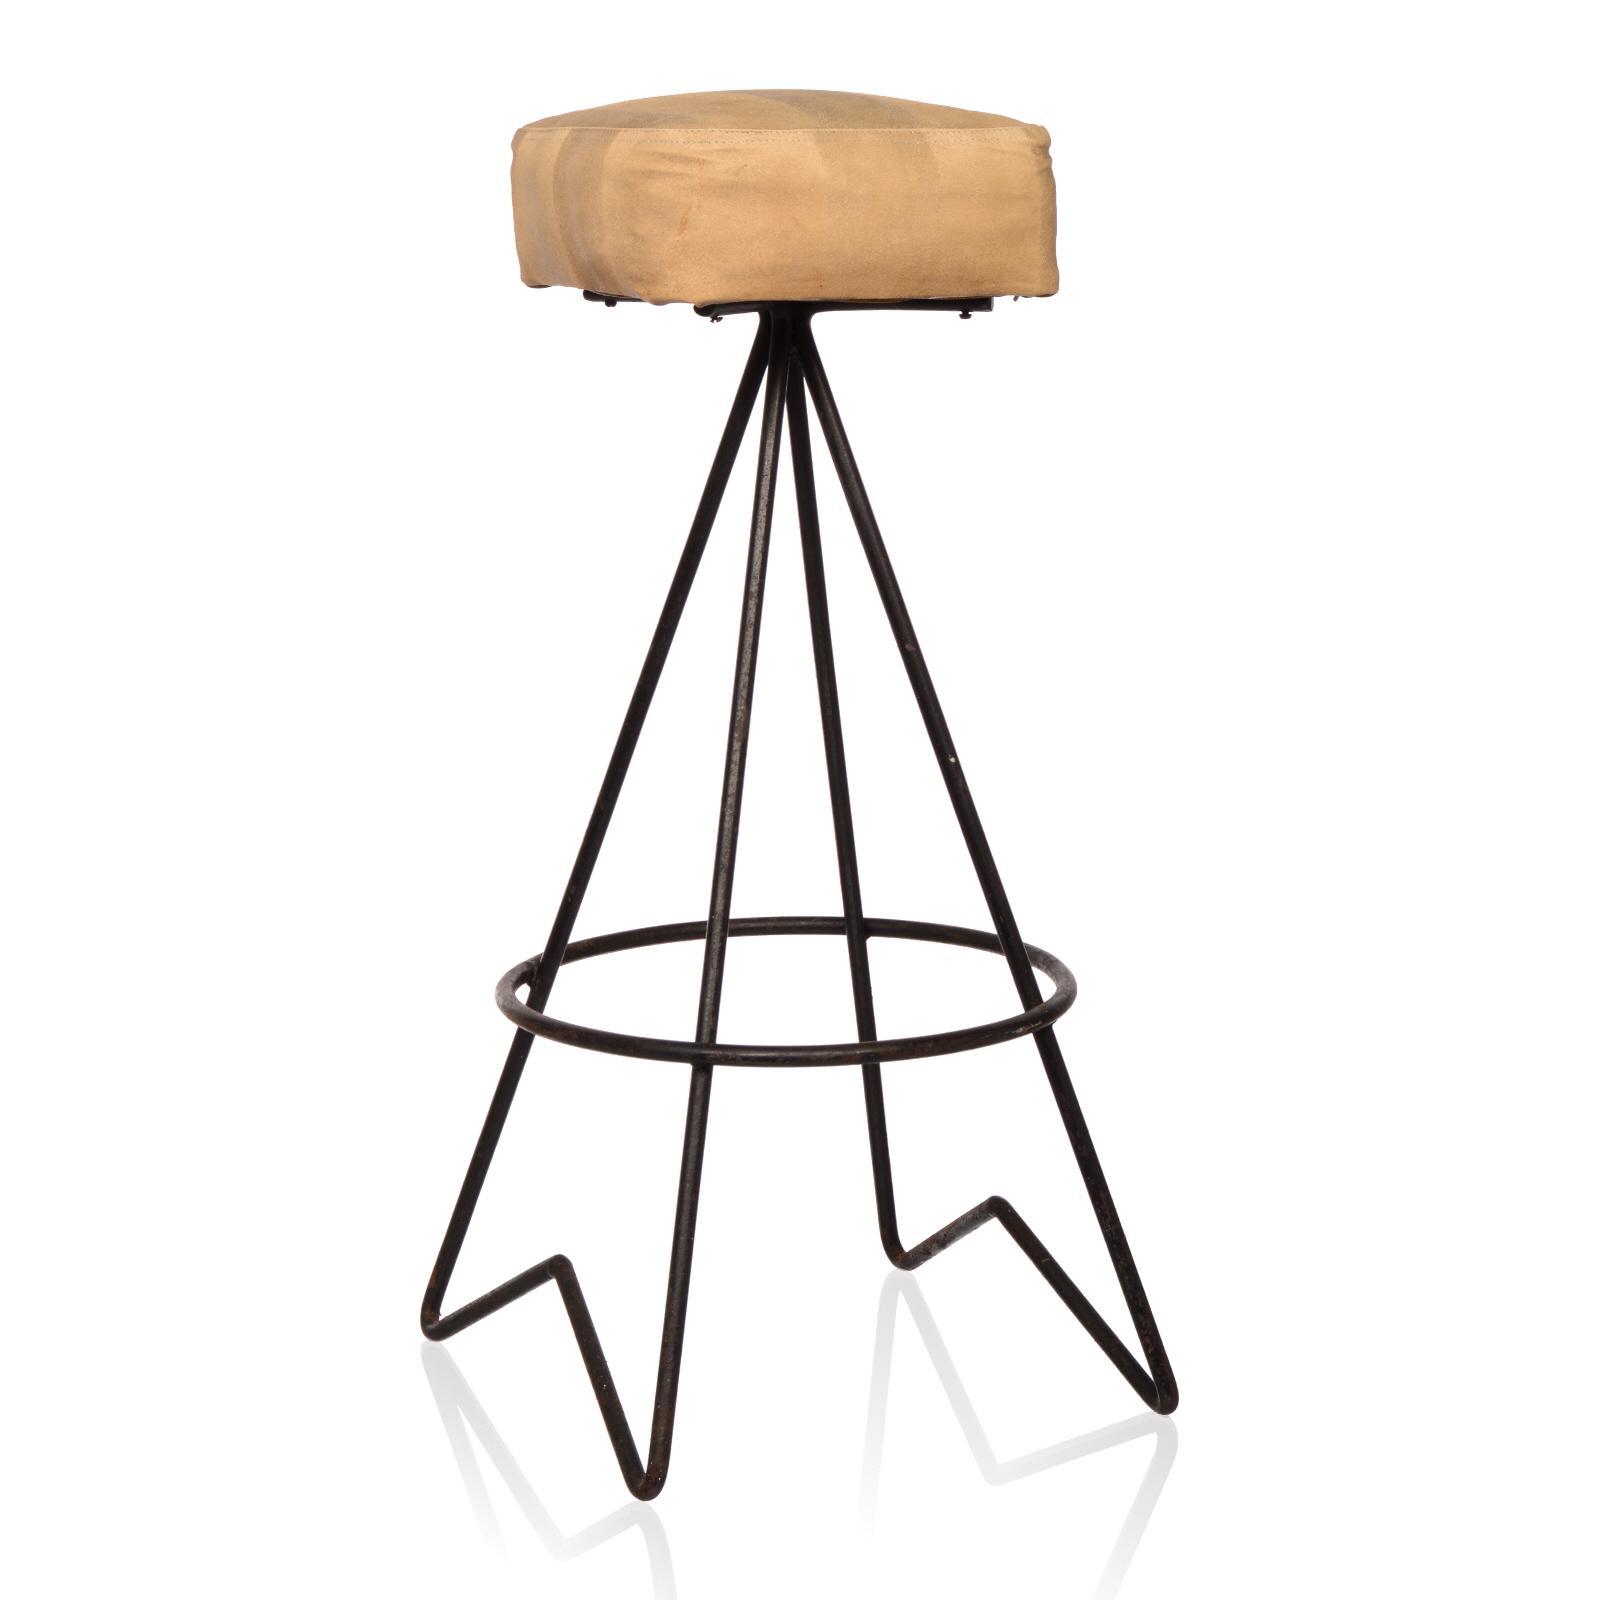 Mid Century Hairpin Leg Bar Stools Set Of 4 Chairish